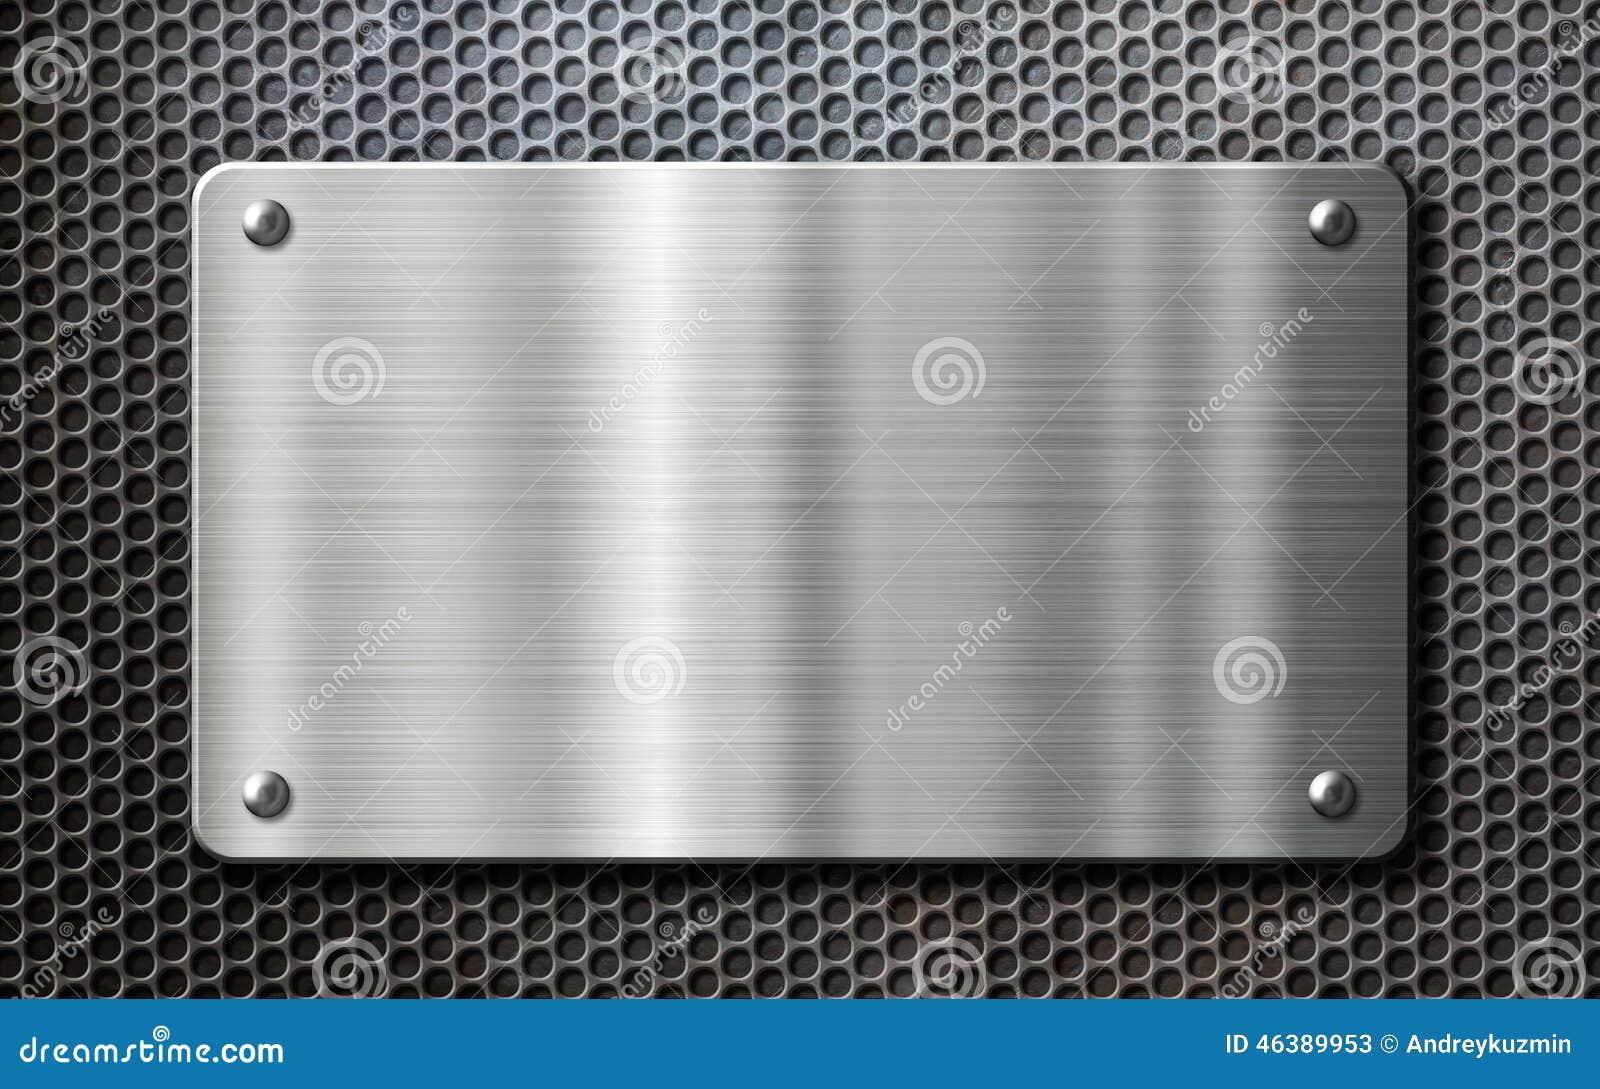 Fondo de la placa de metal del acero inoxidable imagen de - Placa acero inoxidable ...